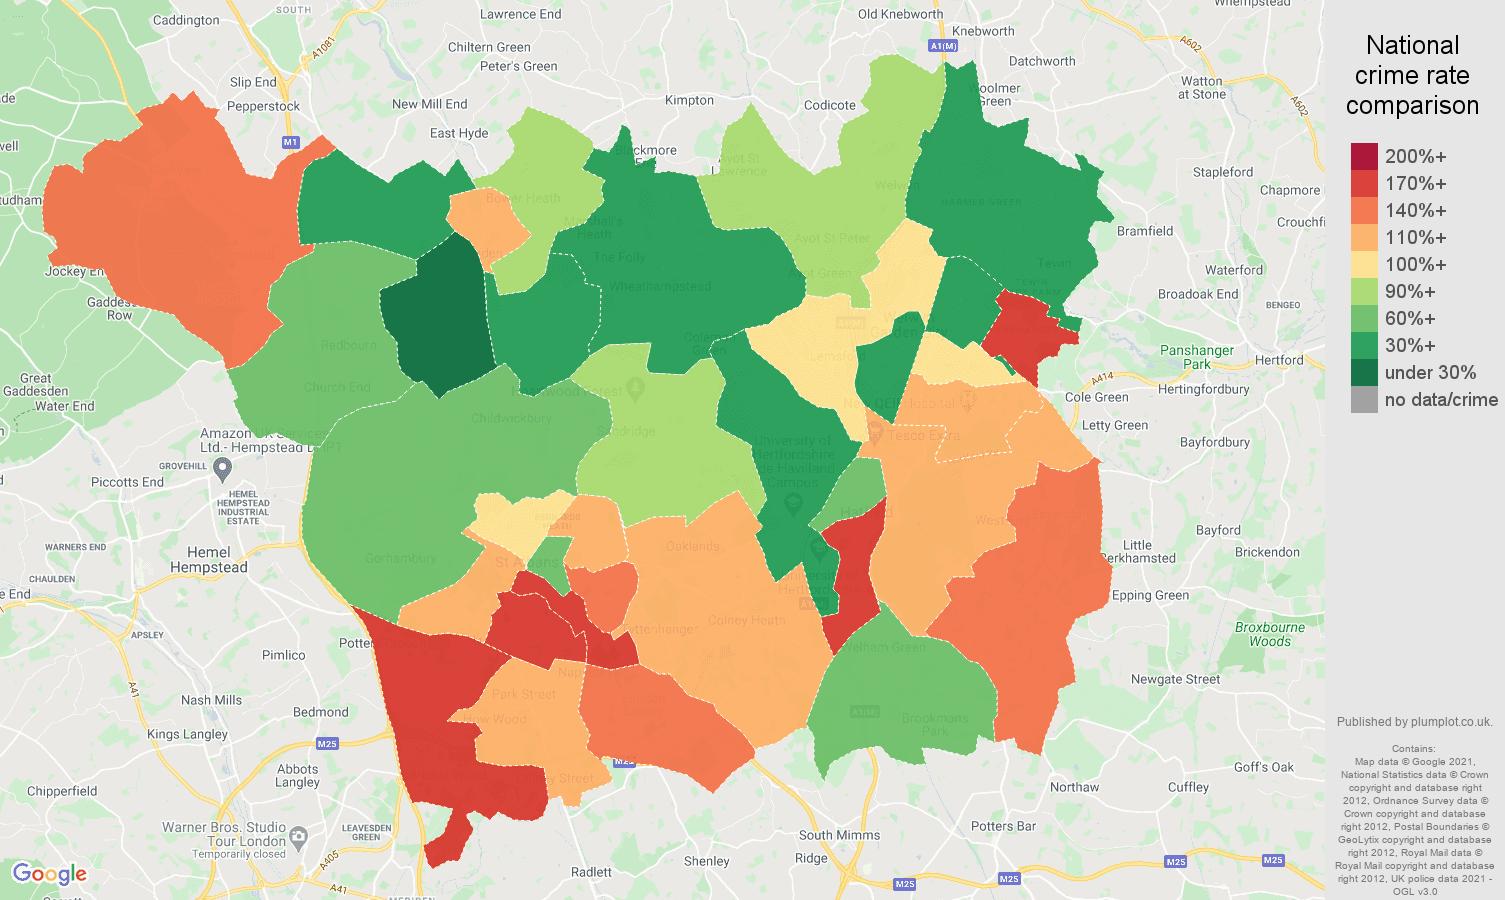 St Albans vehicle crime rate comparison map